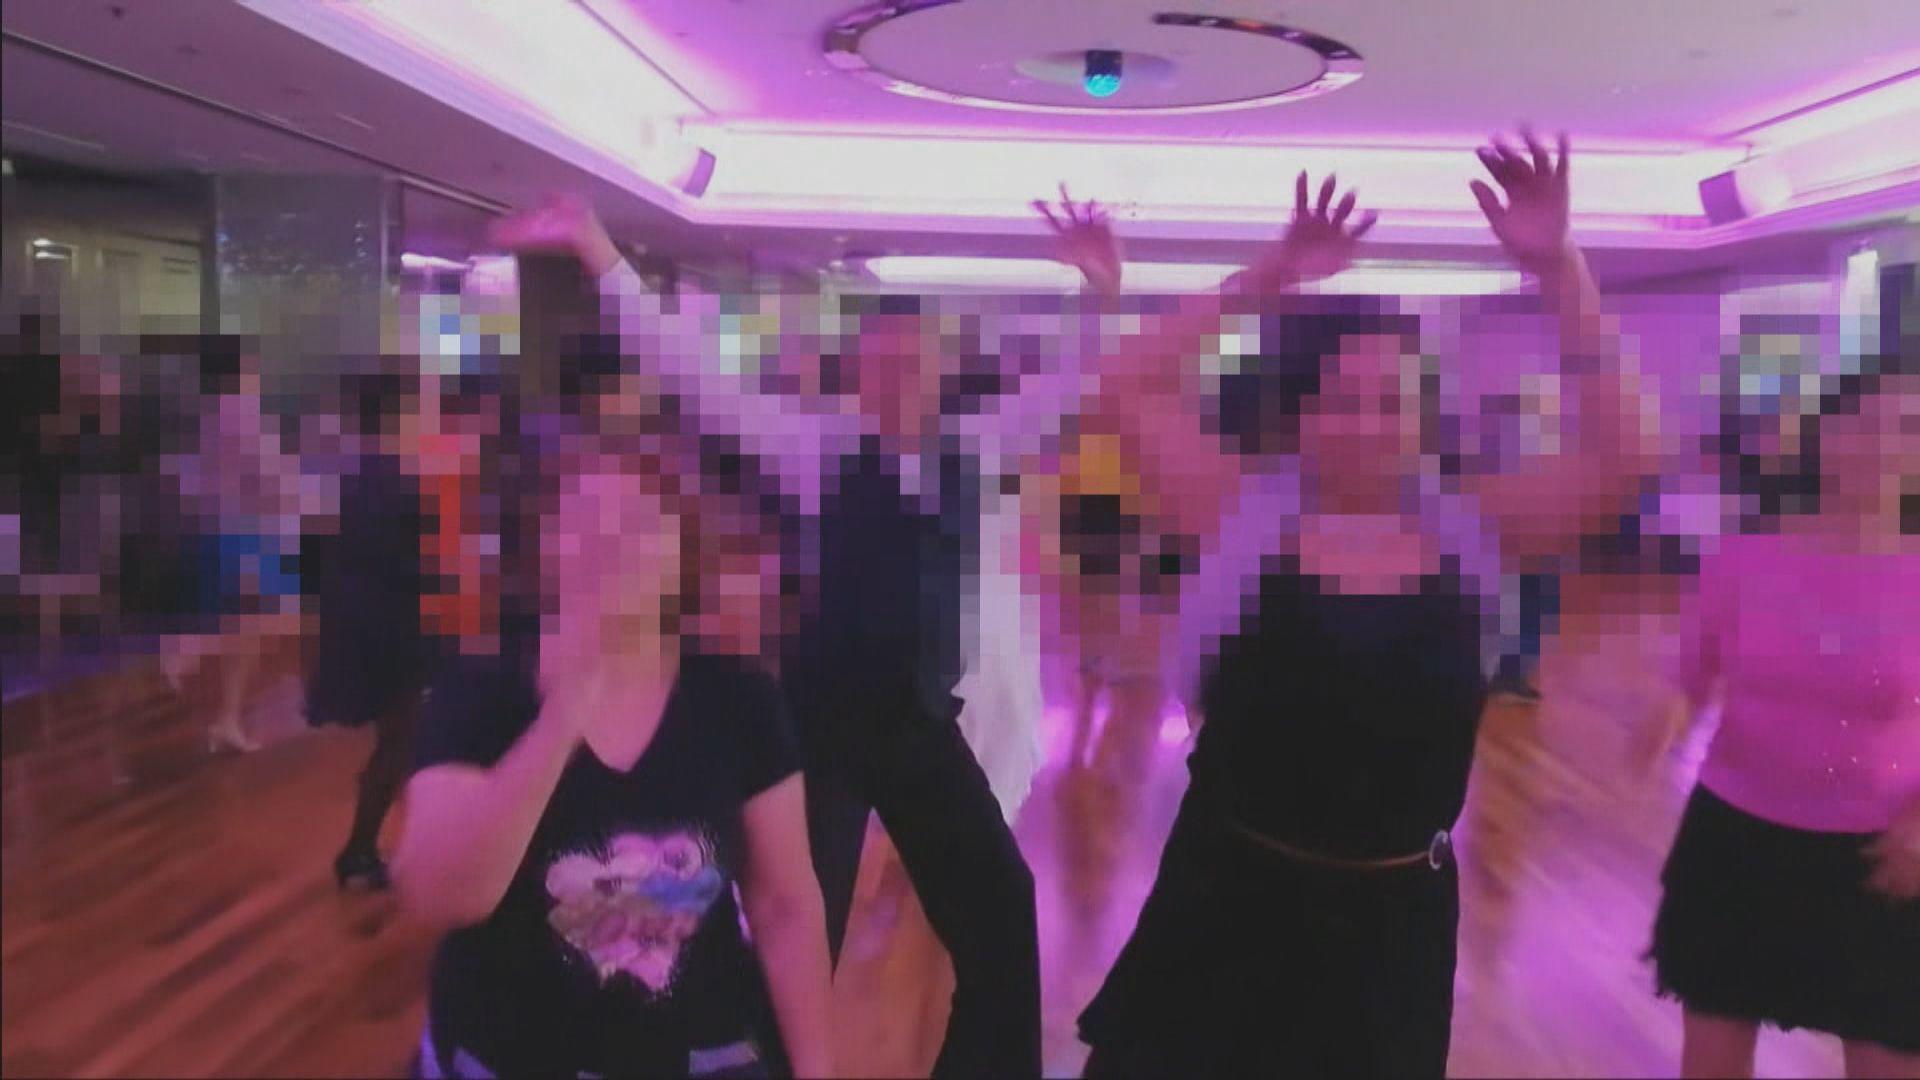 網上同月非同日片段 多人於患者曾到酒樓無戴口罩跳舞